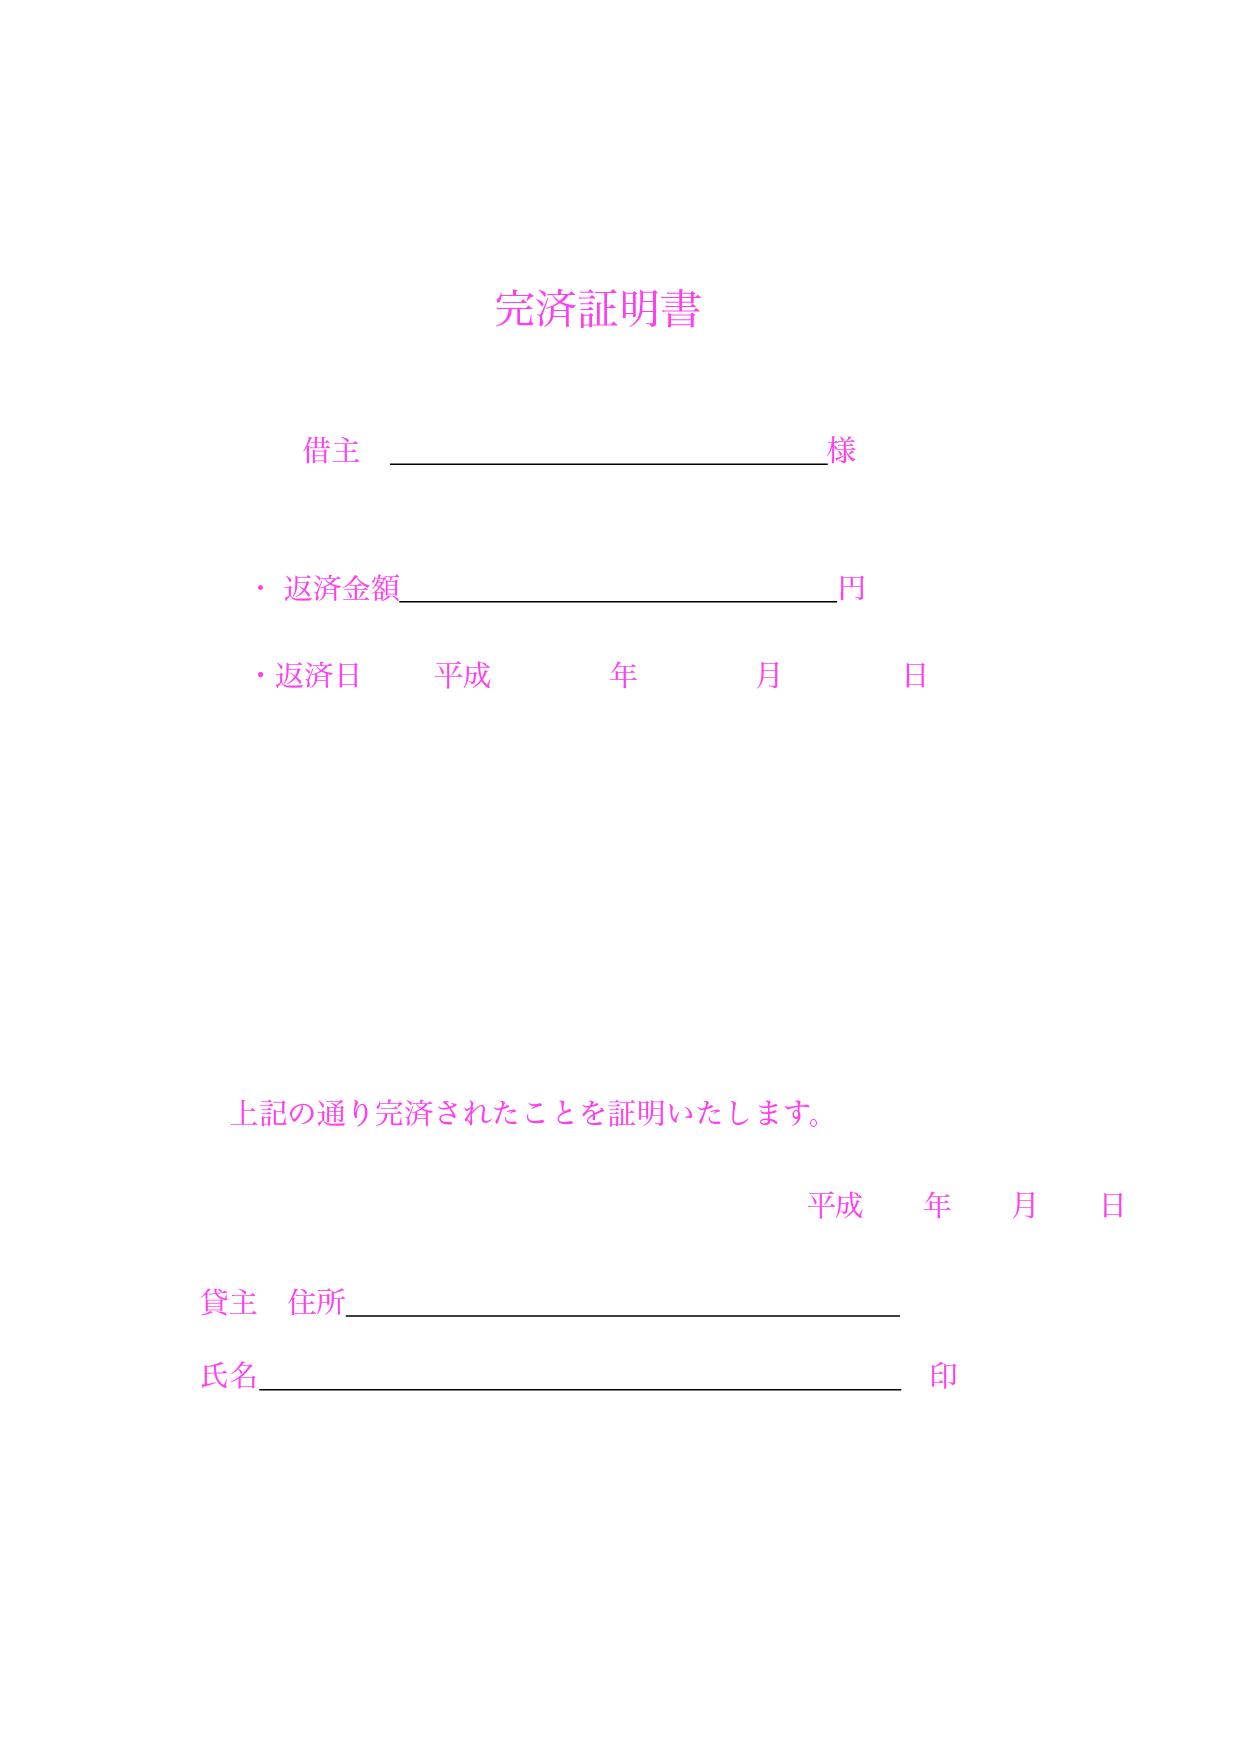 完済証明書 テンプレート_ピンク(ワード・ページズ)